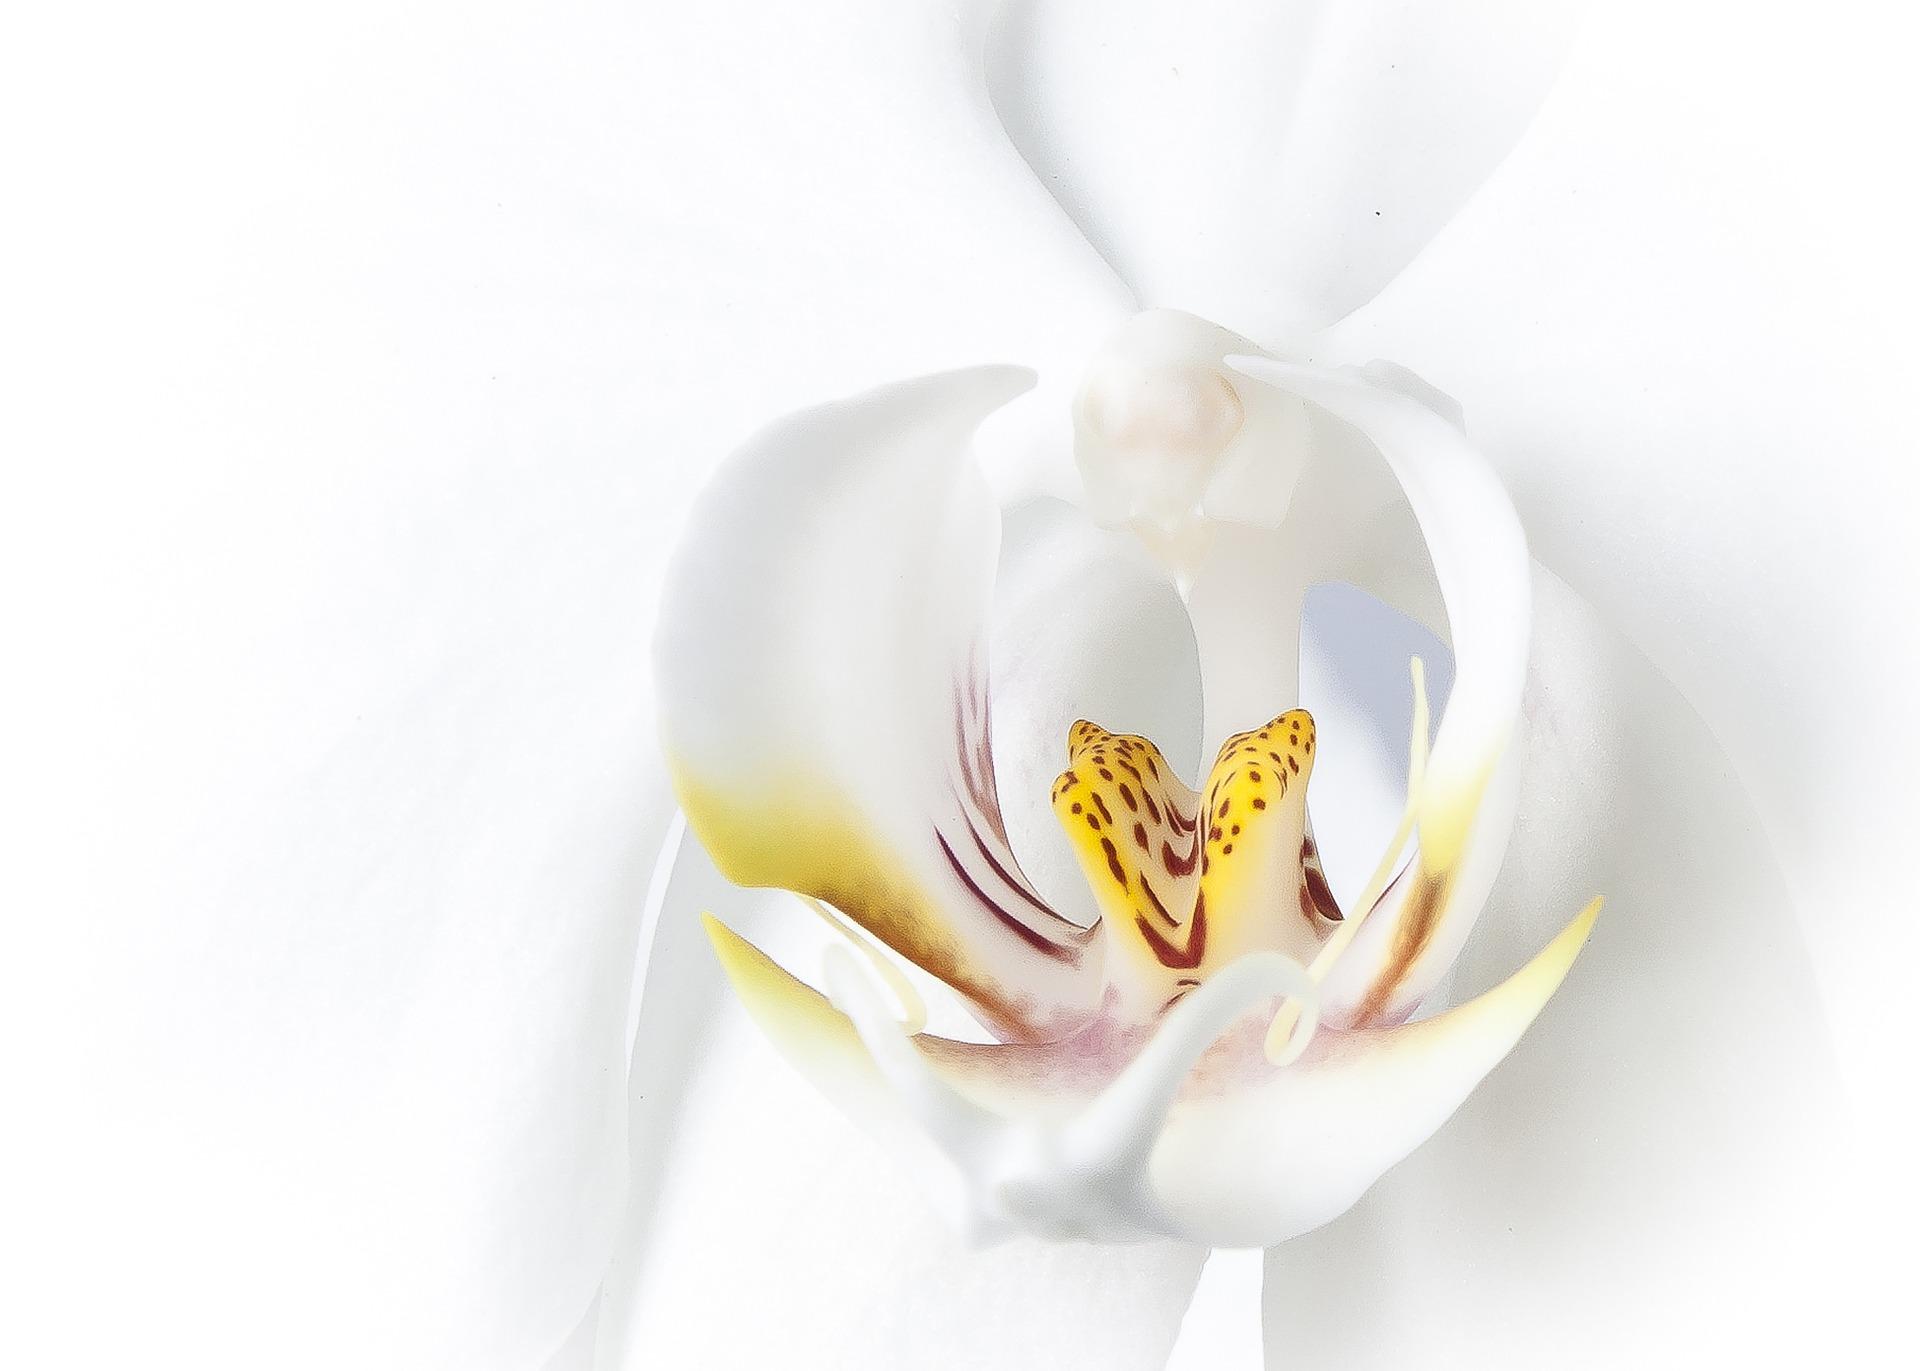 胡蝶蘭を贈る5つのメリット【広島で開店祝い】